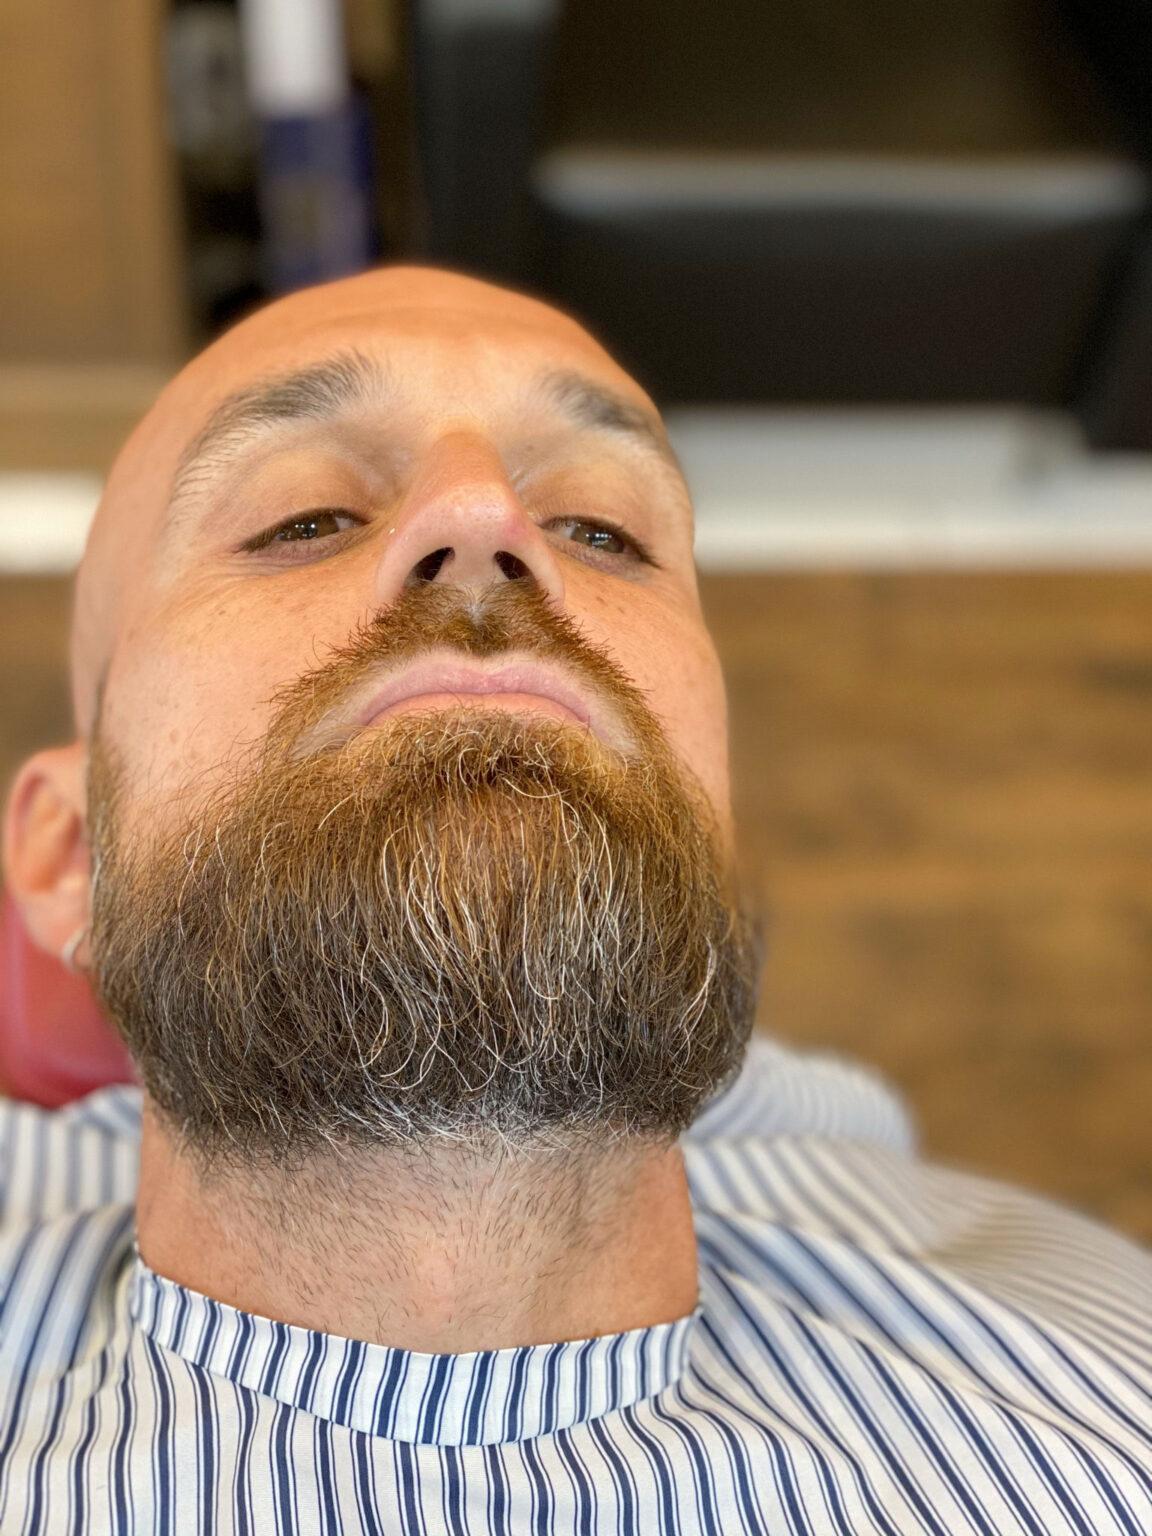 Taglio barba prima